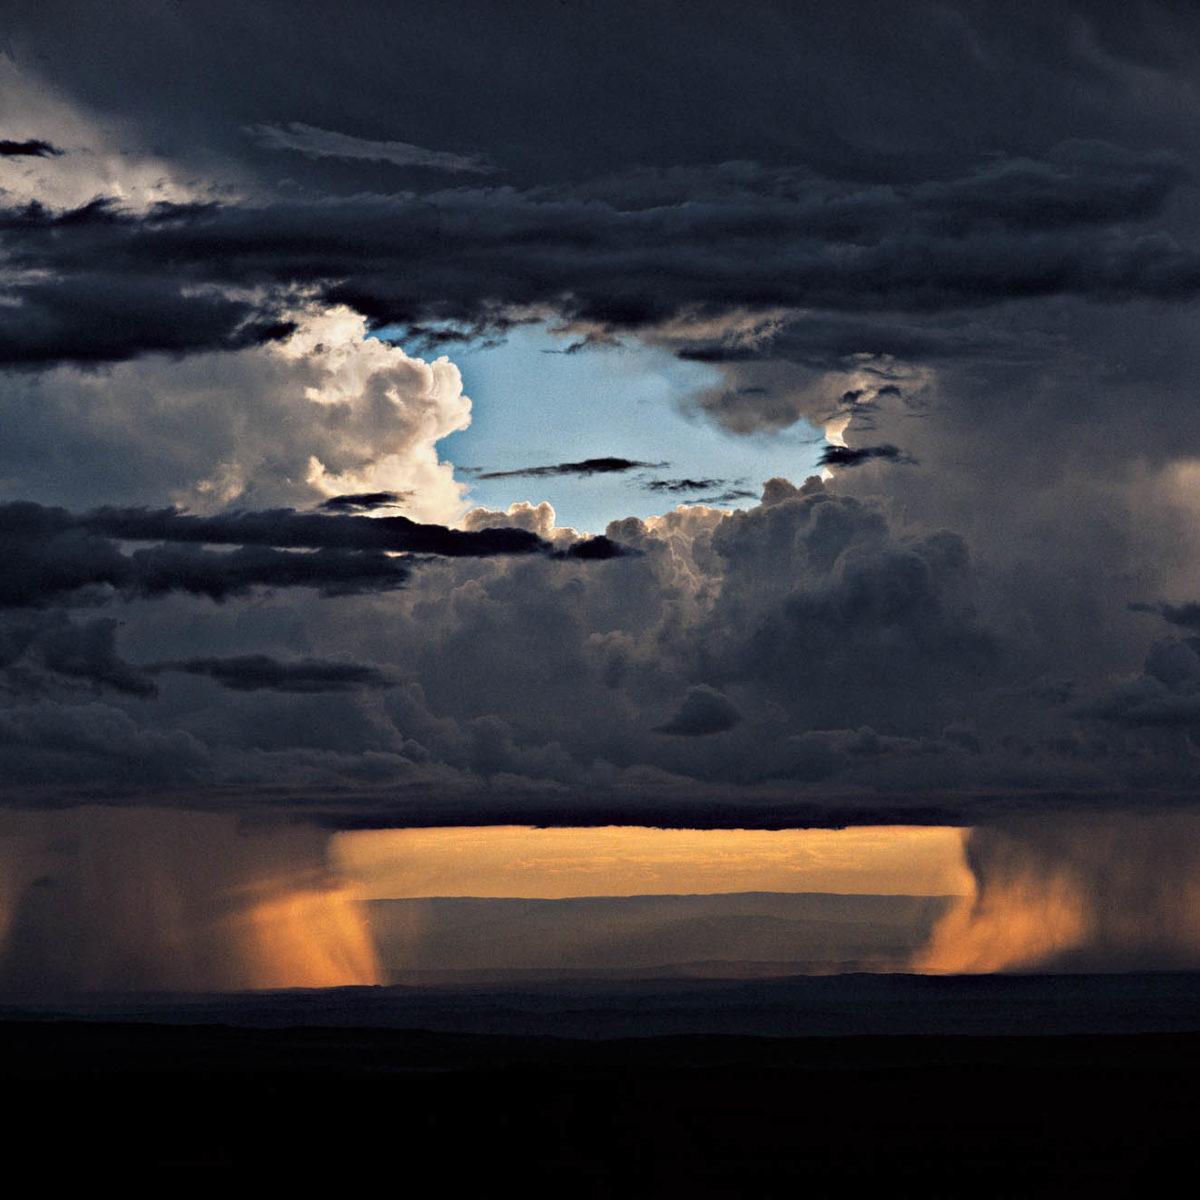 Orage sur les collines de Loita, Kenya. (1°50' N - 35°80' E)